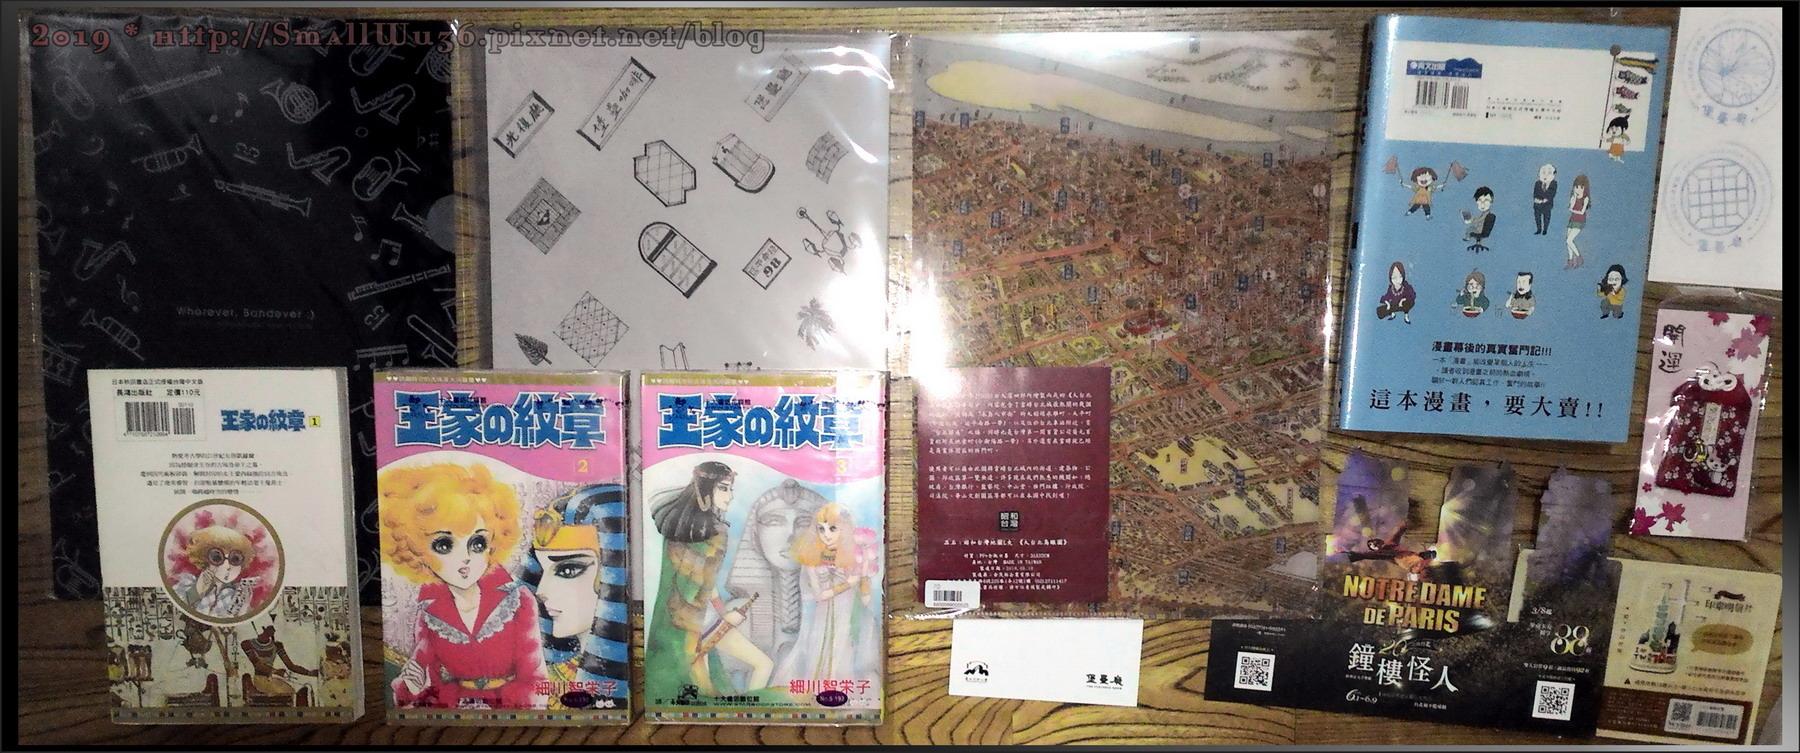 細川智榮子-王家的紋章(尼羅河女兒)1-3(長鴻).jpg